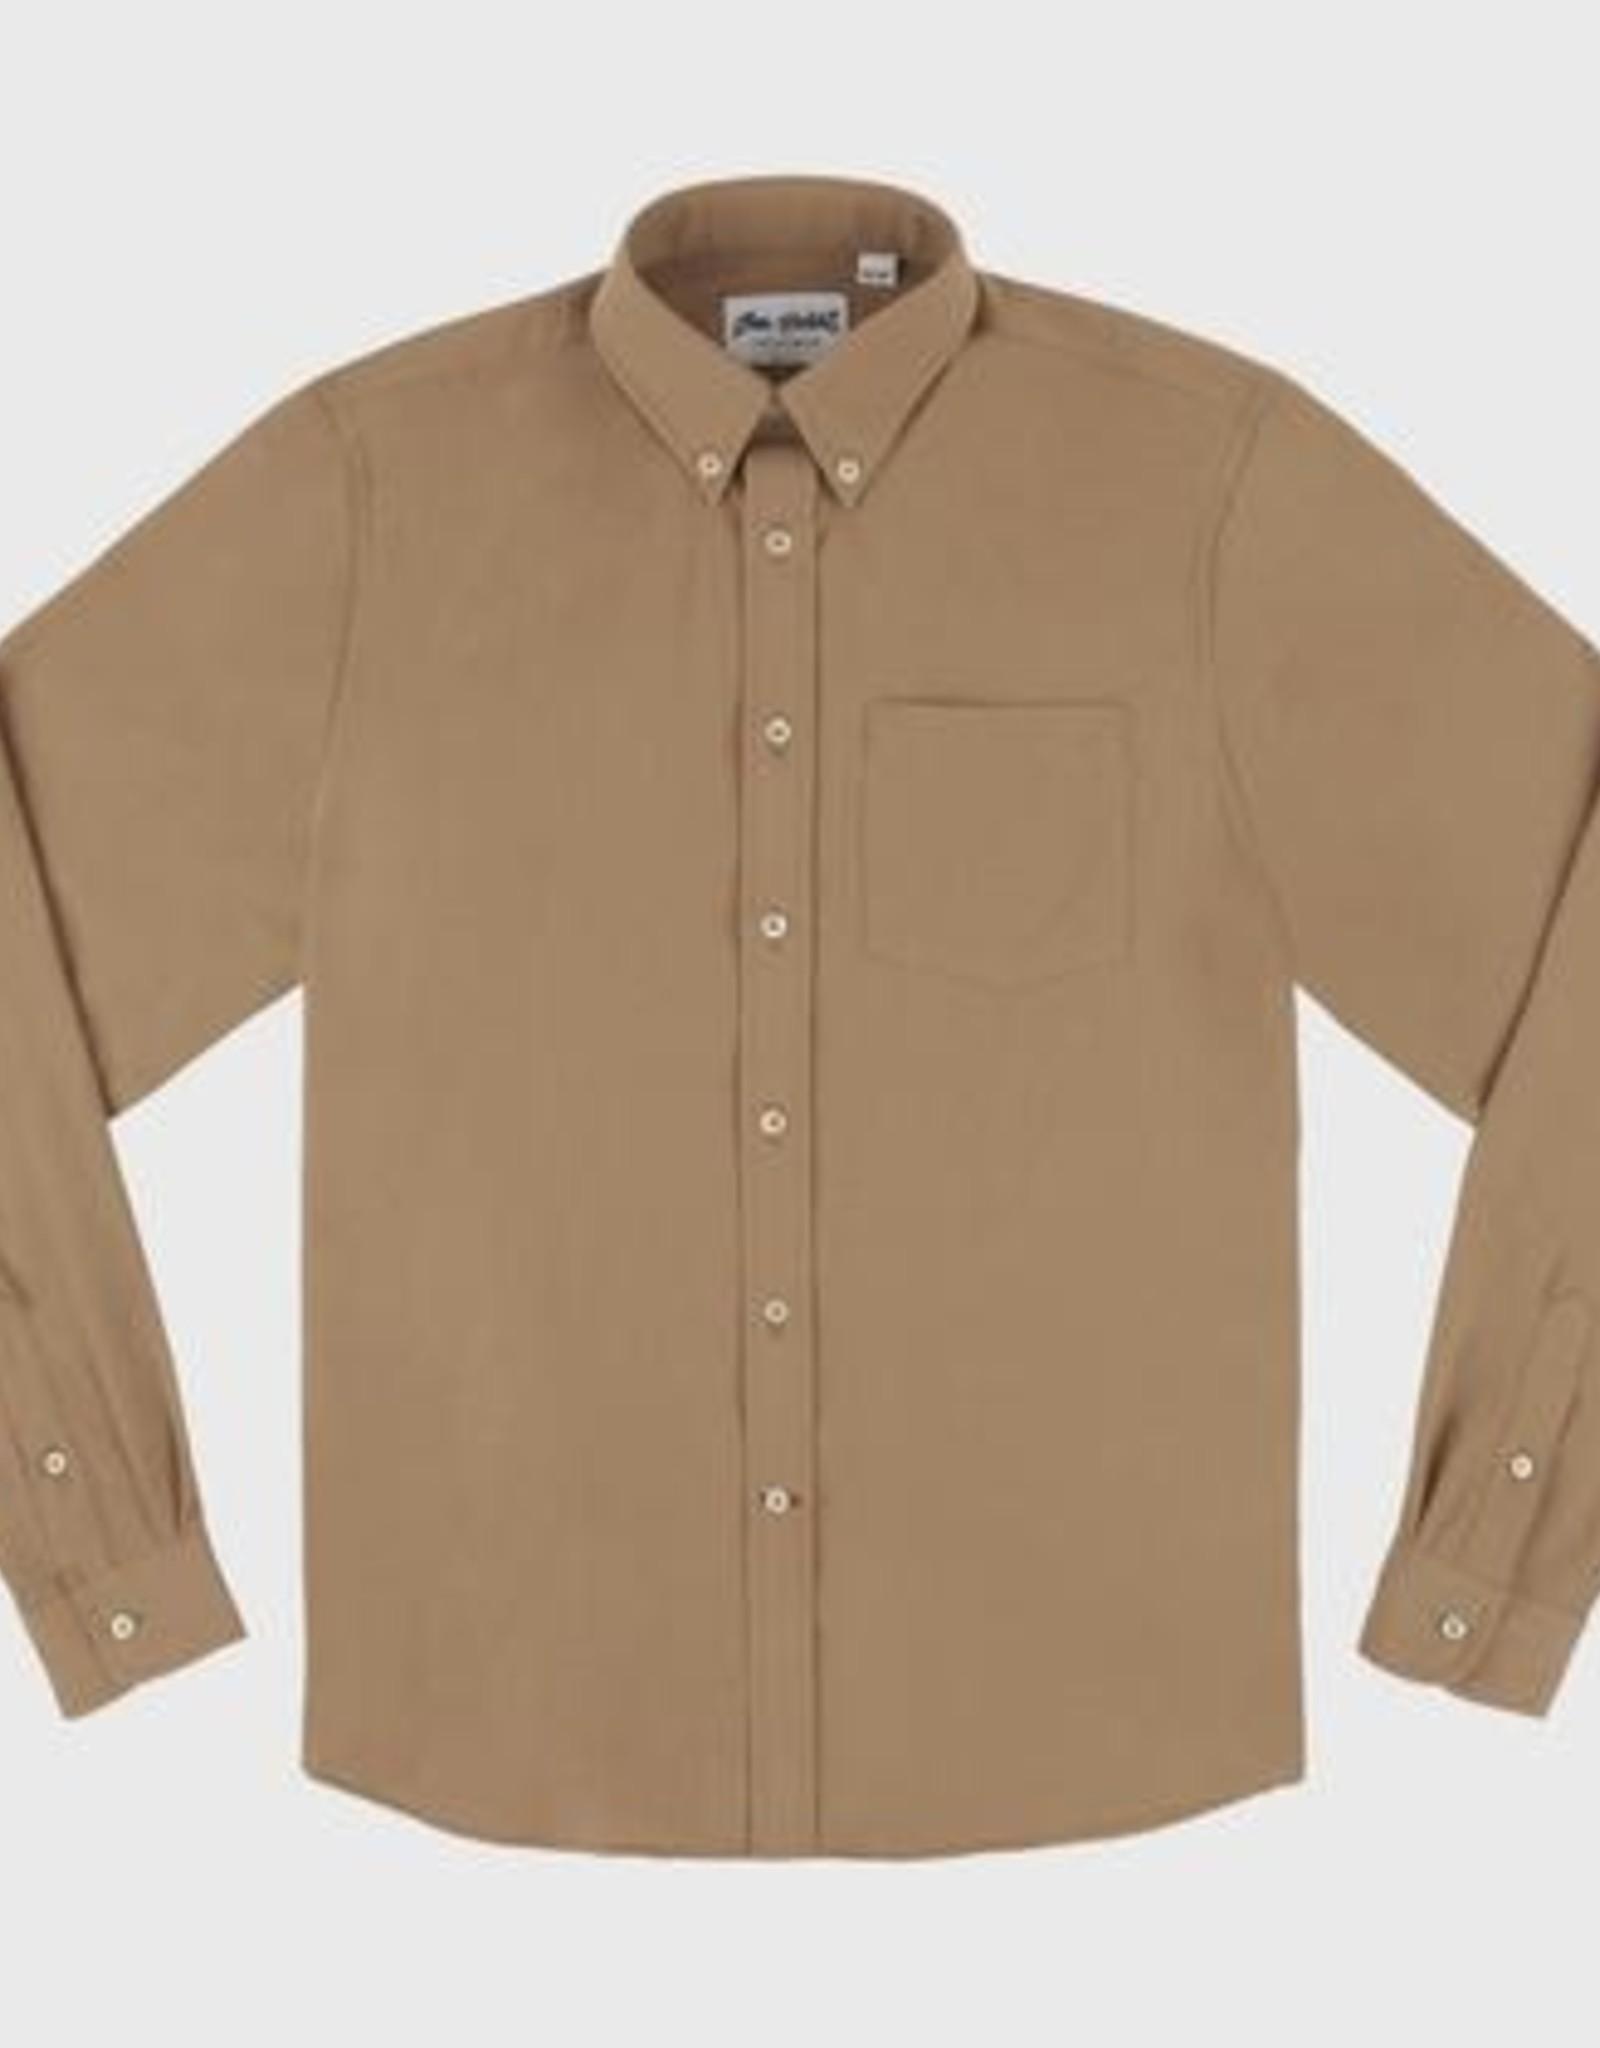 Bon Vivant - Gino Cotton Gauze Long Sleeves - Rust